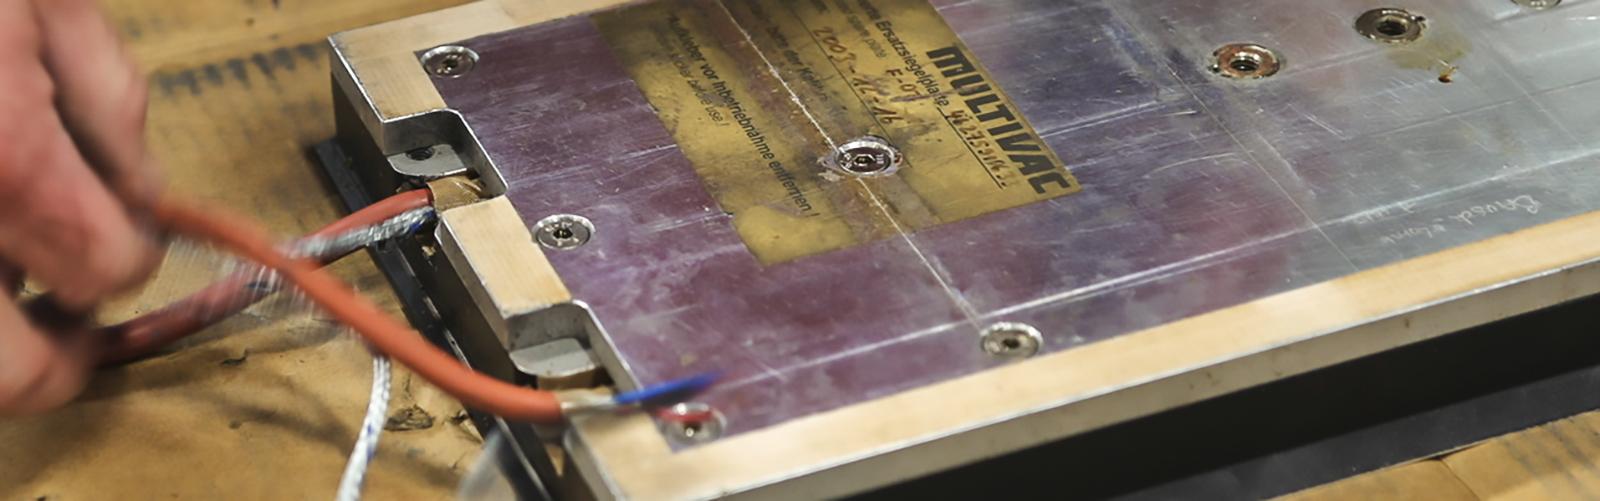 Multivac Intertech heater repair